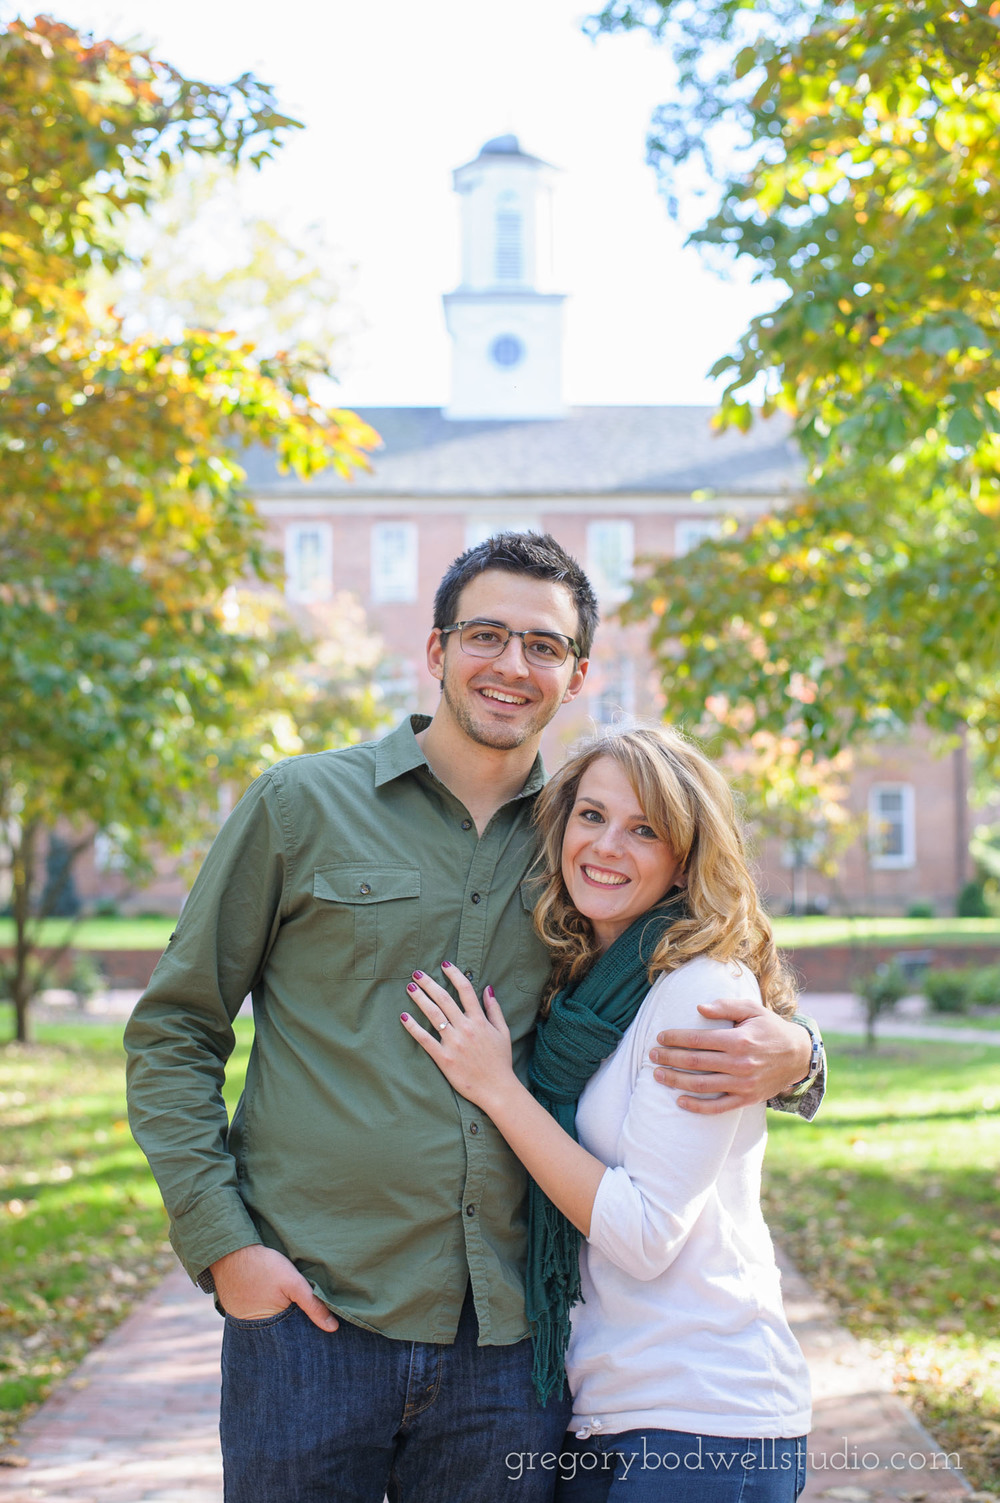 Chance_sarah_Engagement_001-2.jpg